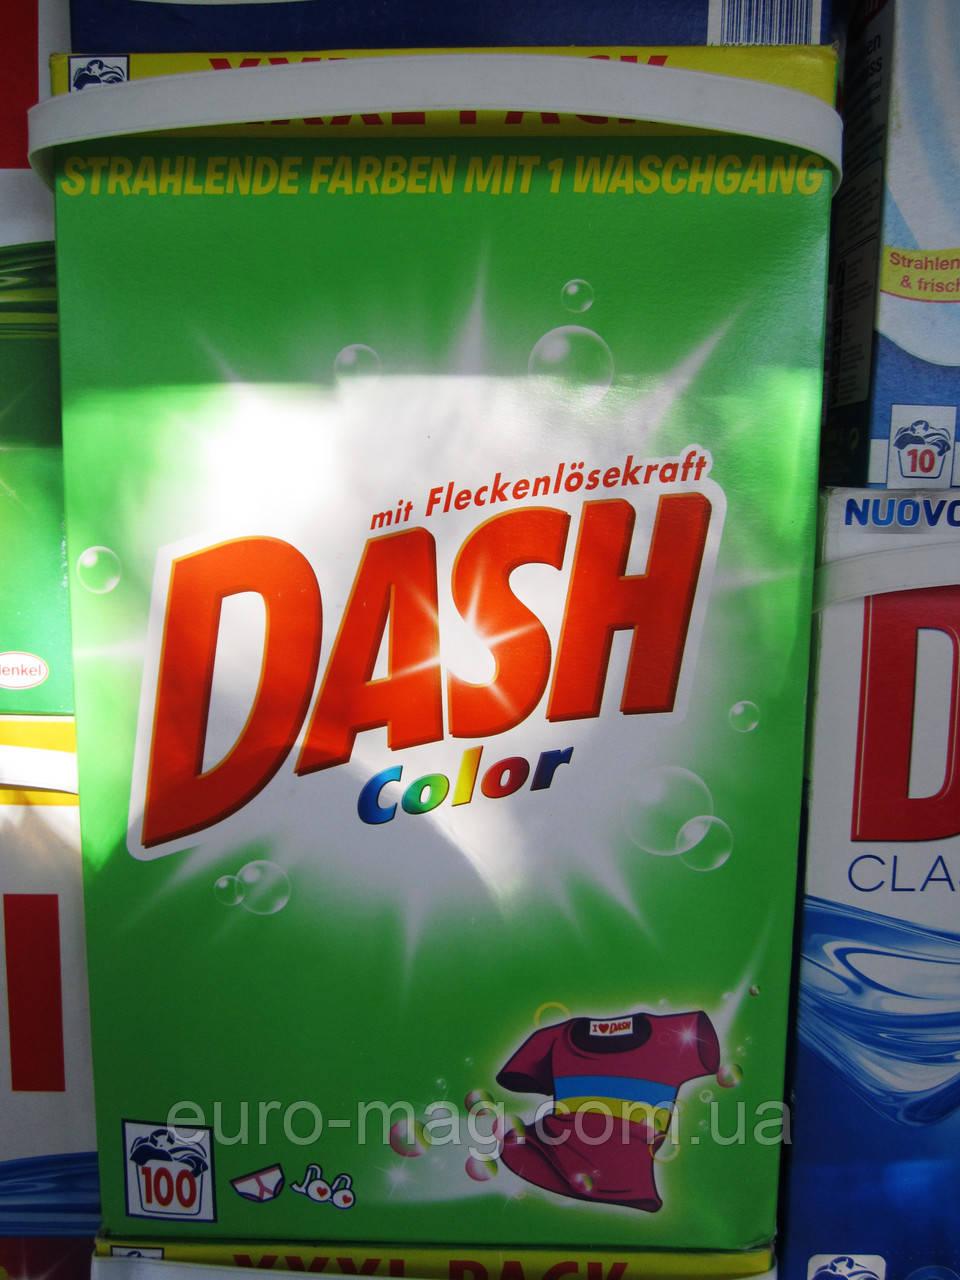 Стиральный порошок Dash color mit Fleckenlosekraft 100 стирок (6,5 кг)